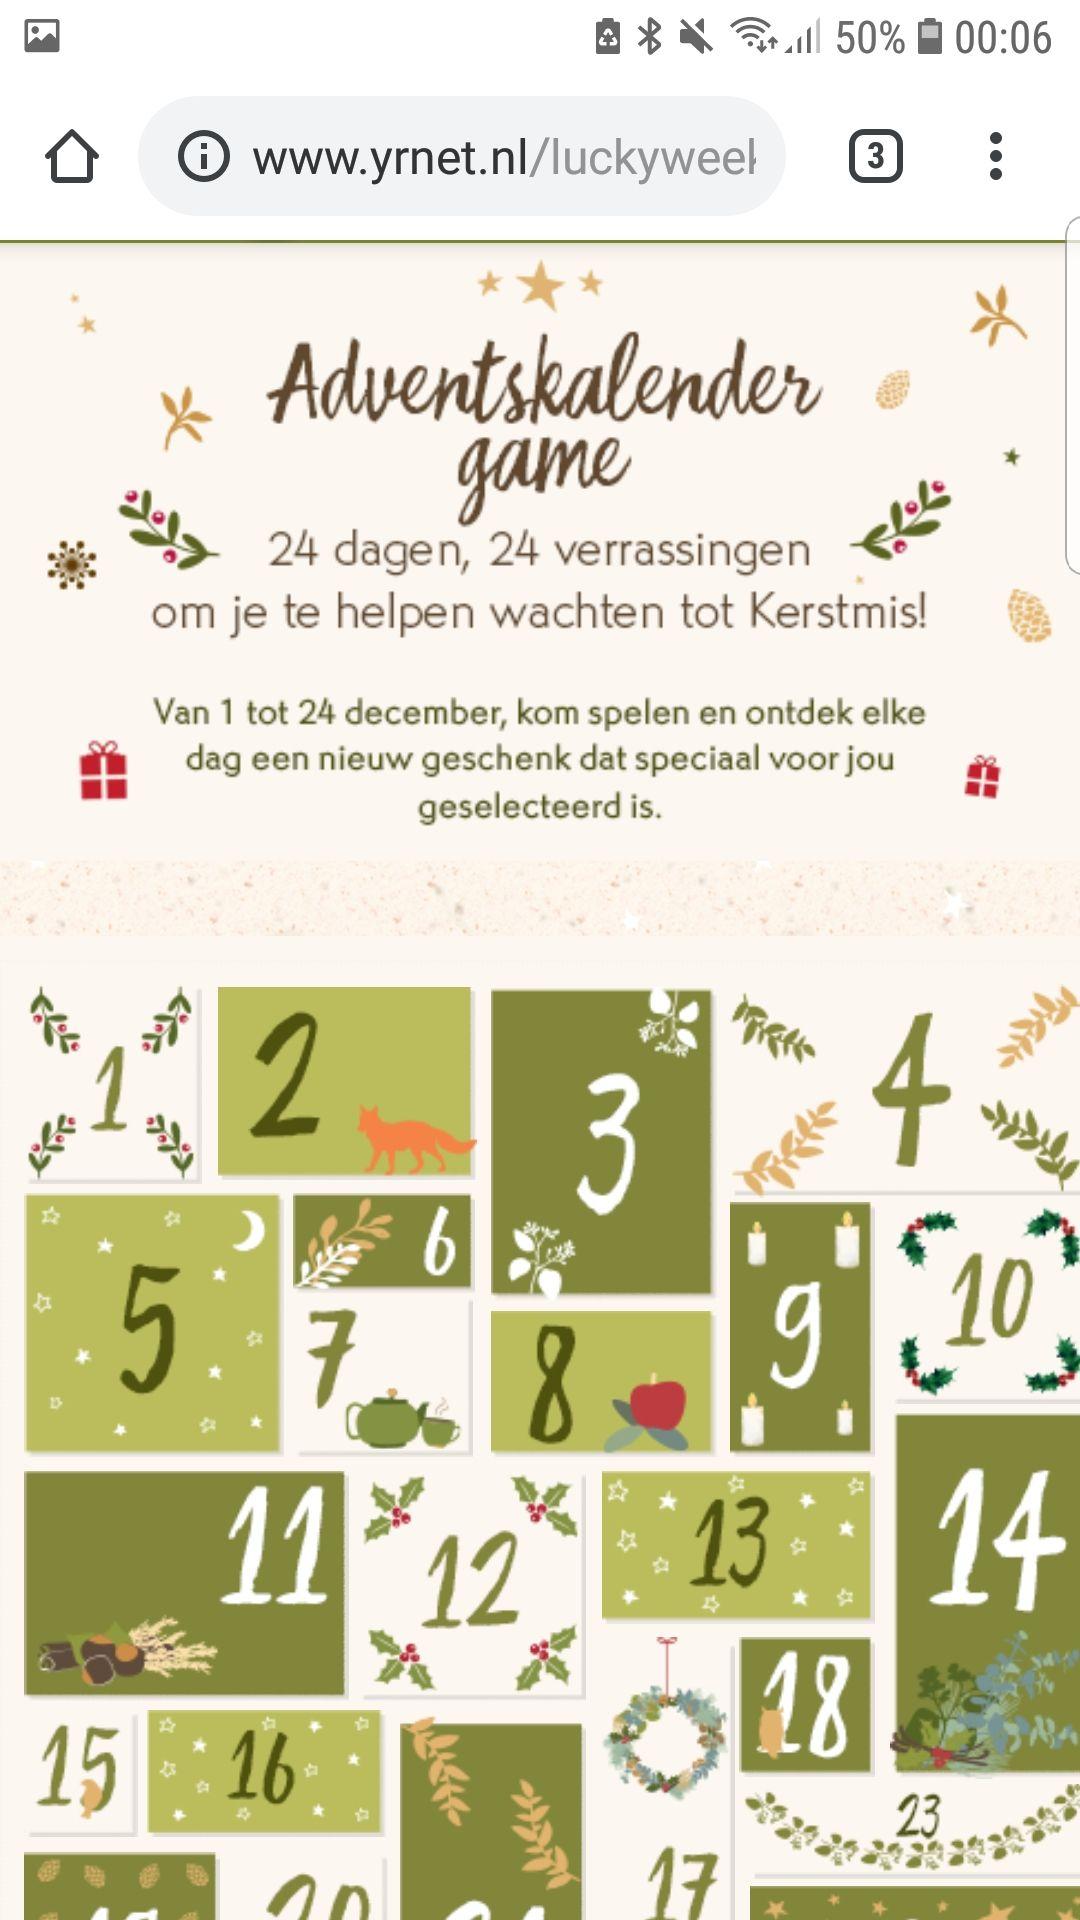 Yves rocher advent kalender spel